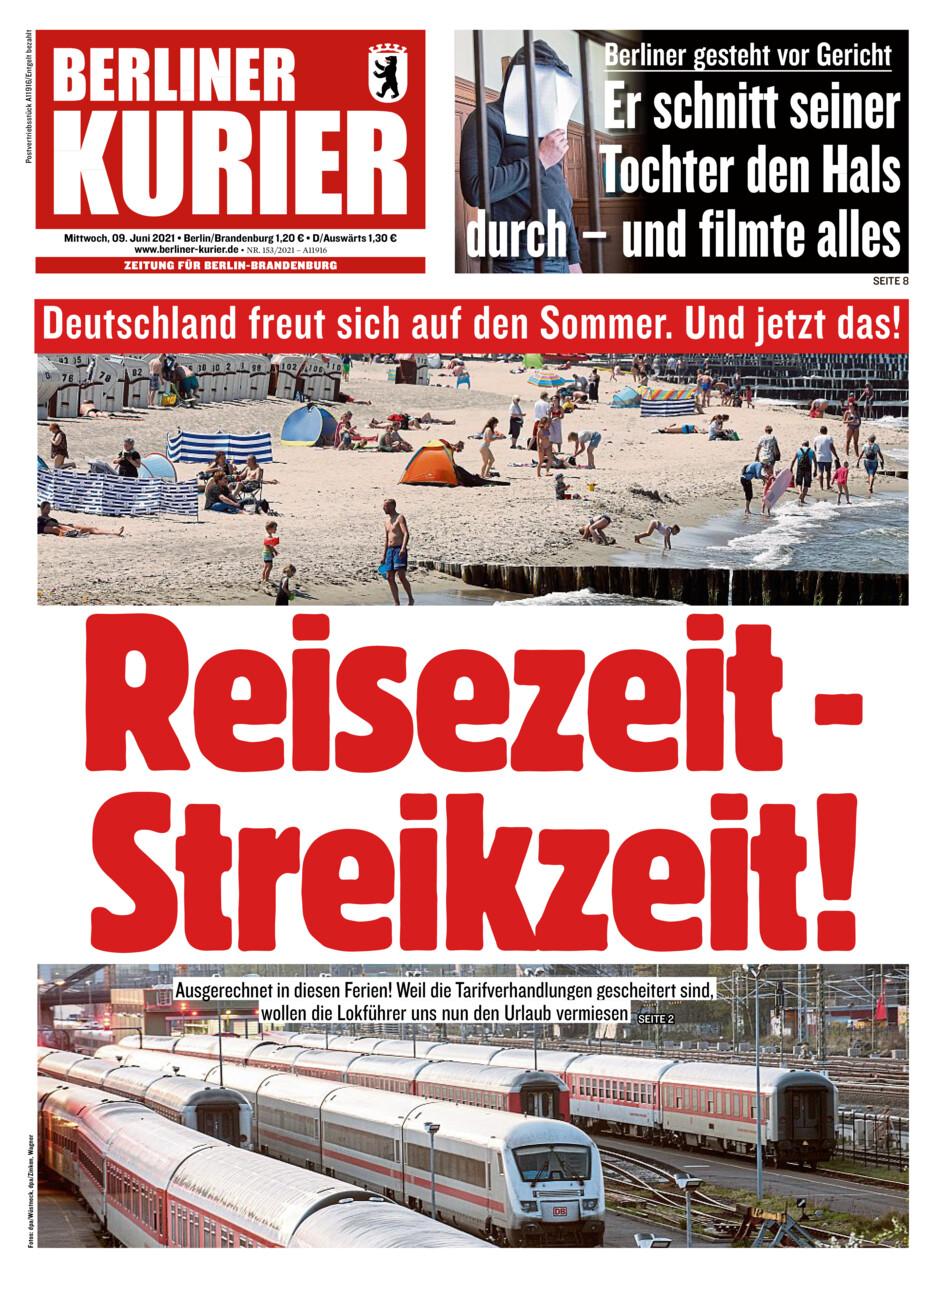 Berliner Kurier vom Mittwoch, 09.06.2021